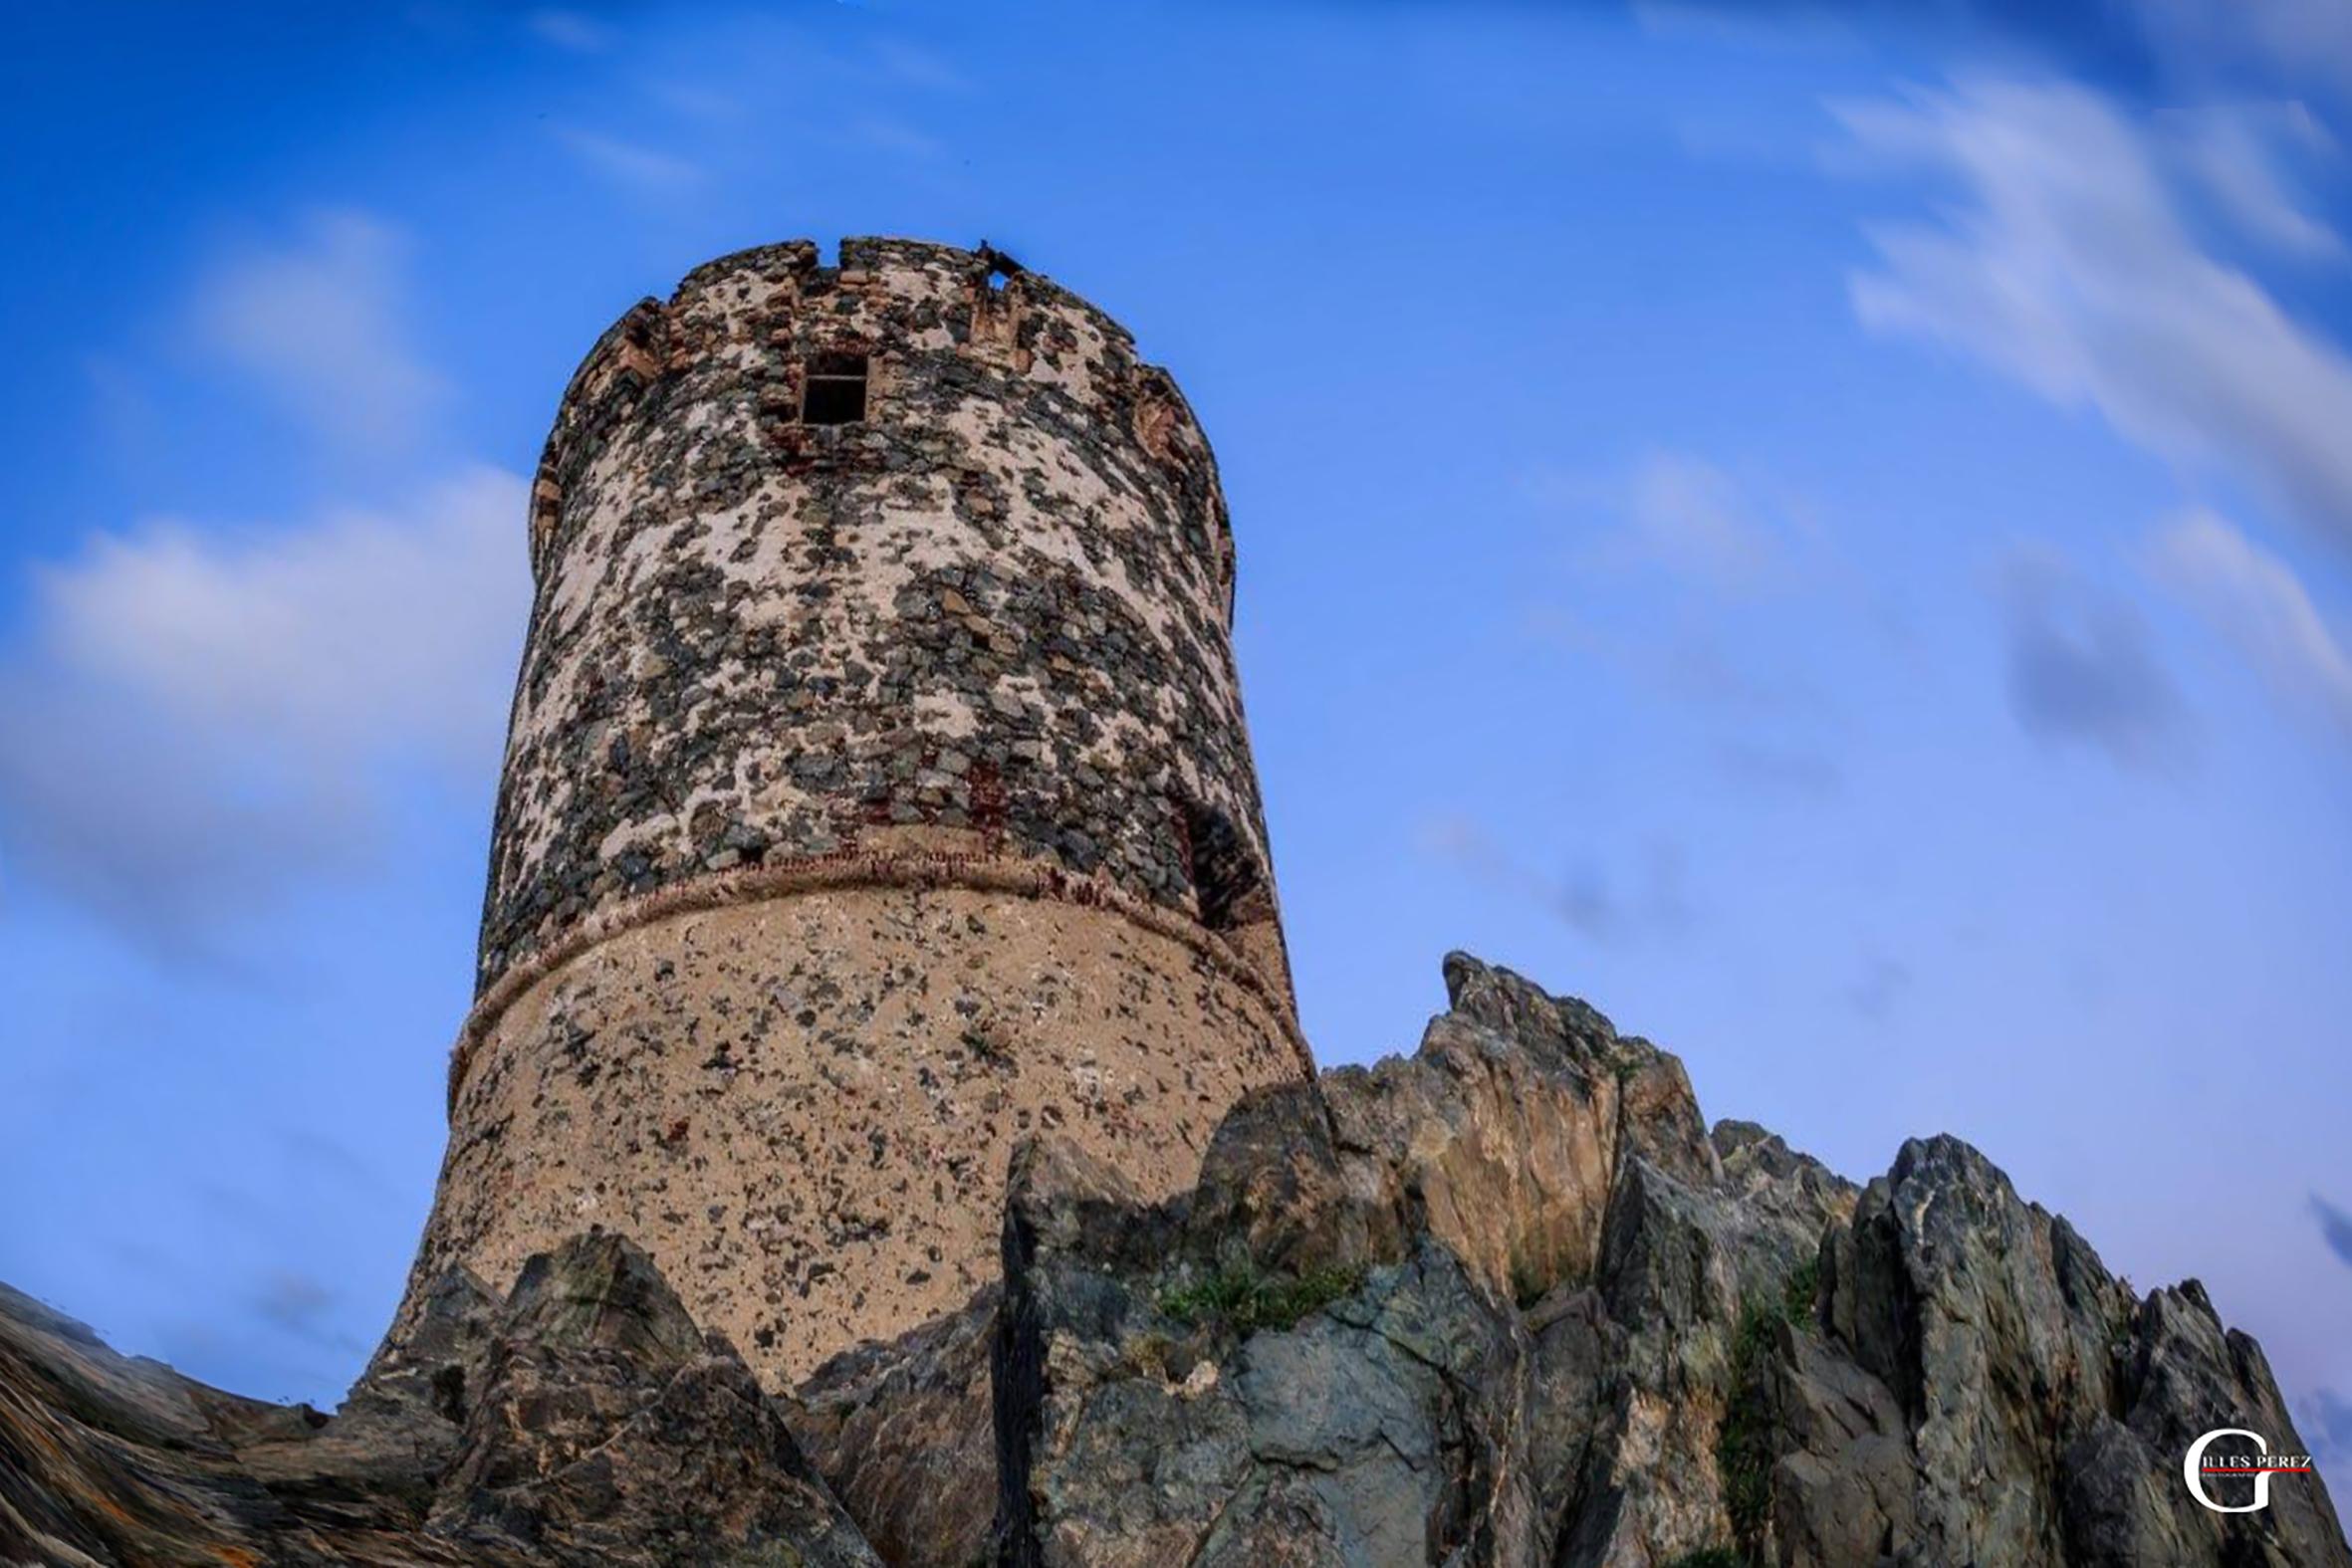 Visite commentée de la Tour de la Parata avec le Laboratoire Régional d'Archéologie